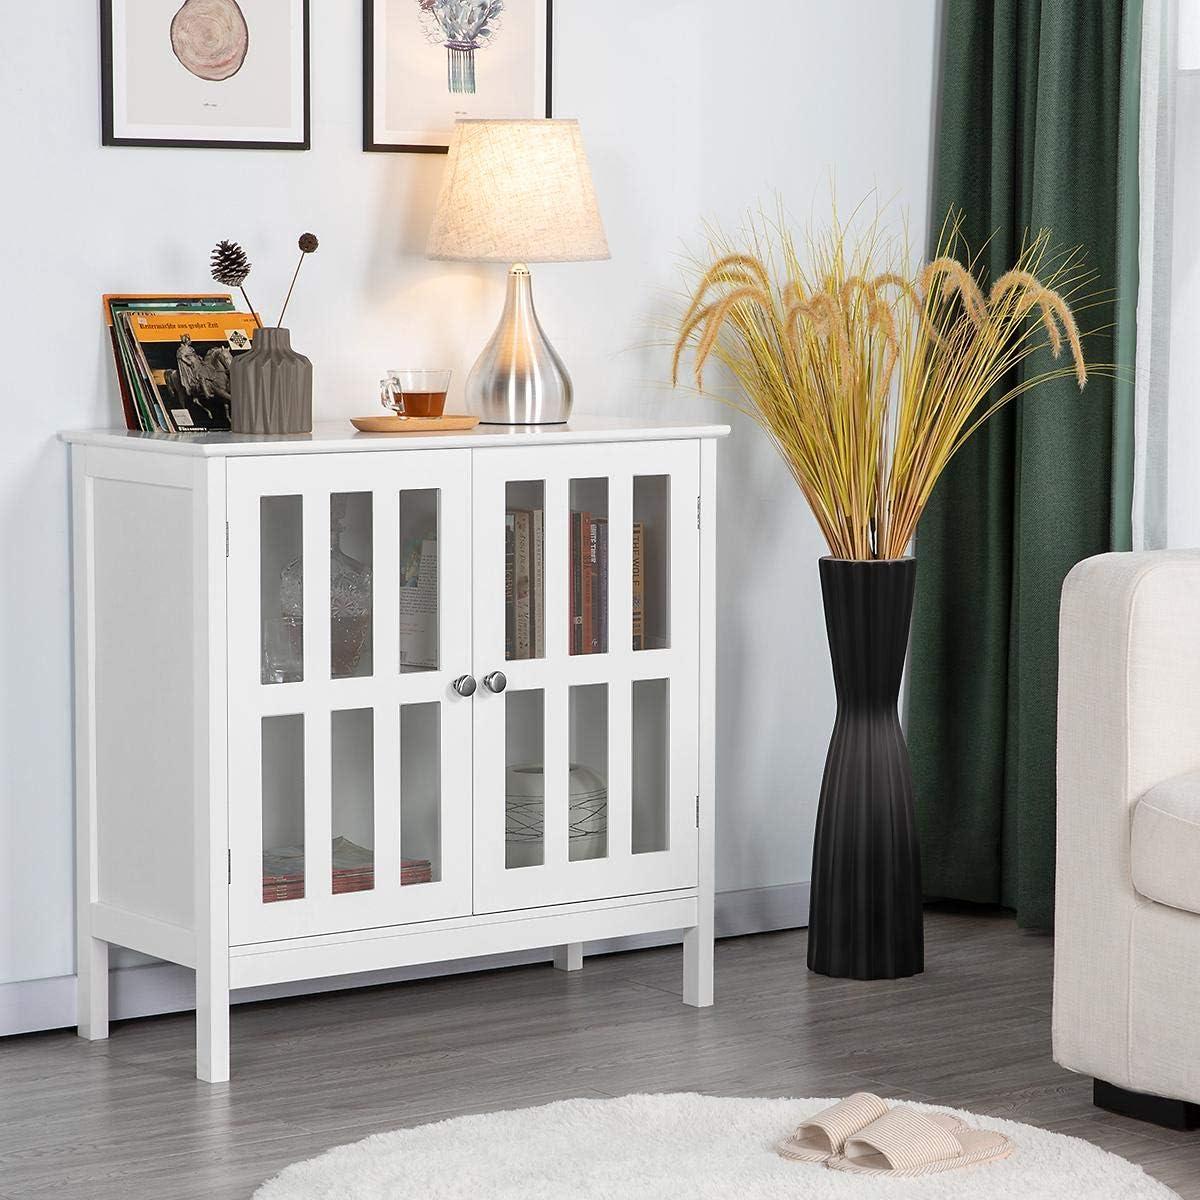 - Amazon.com: YAHEETECH Floor Storage Cabinet With Glass Door And